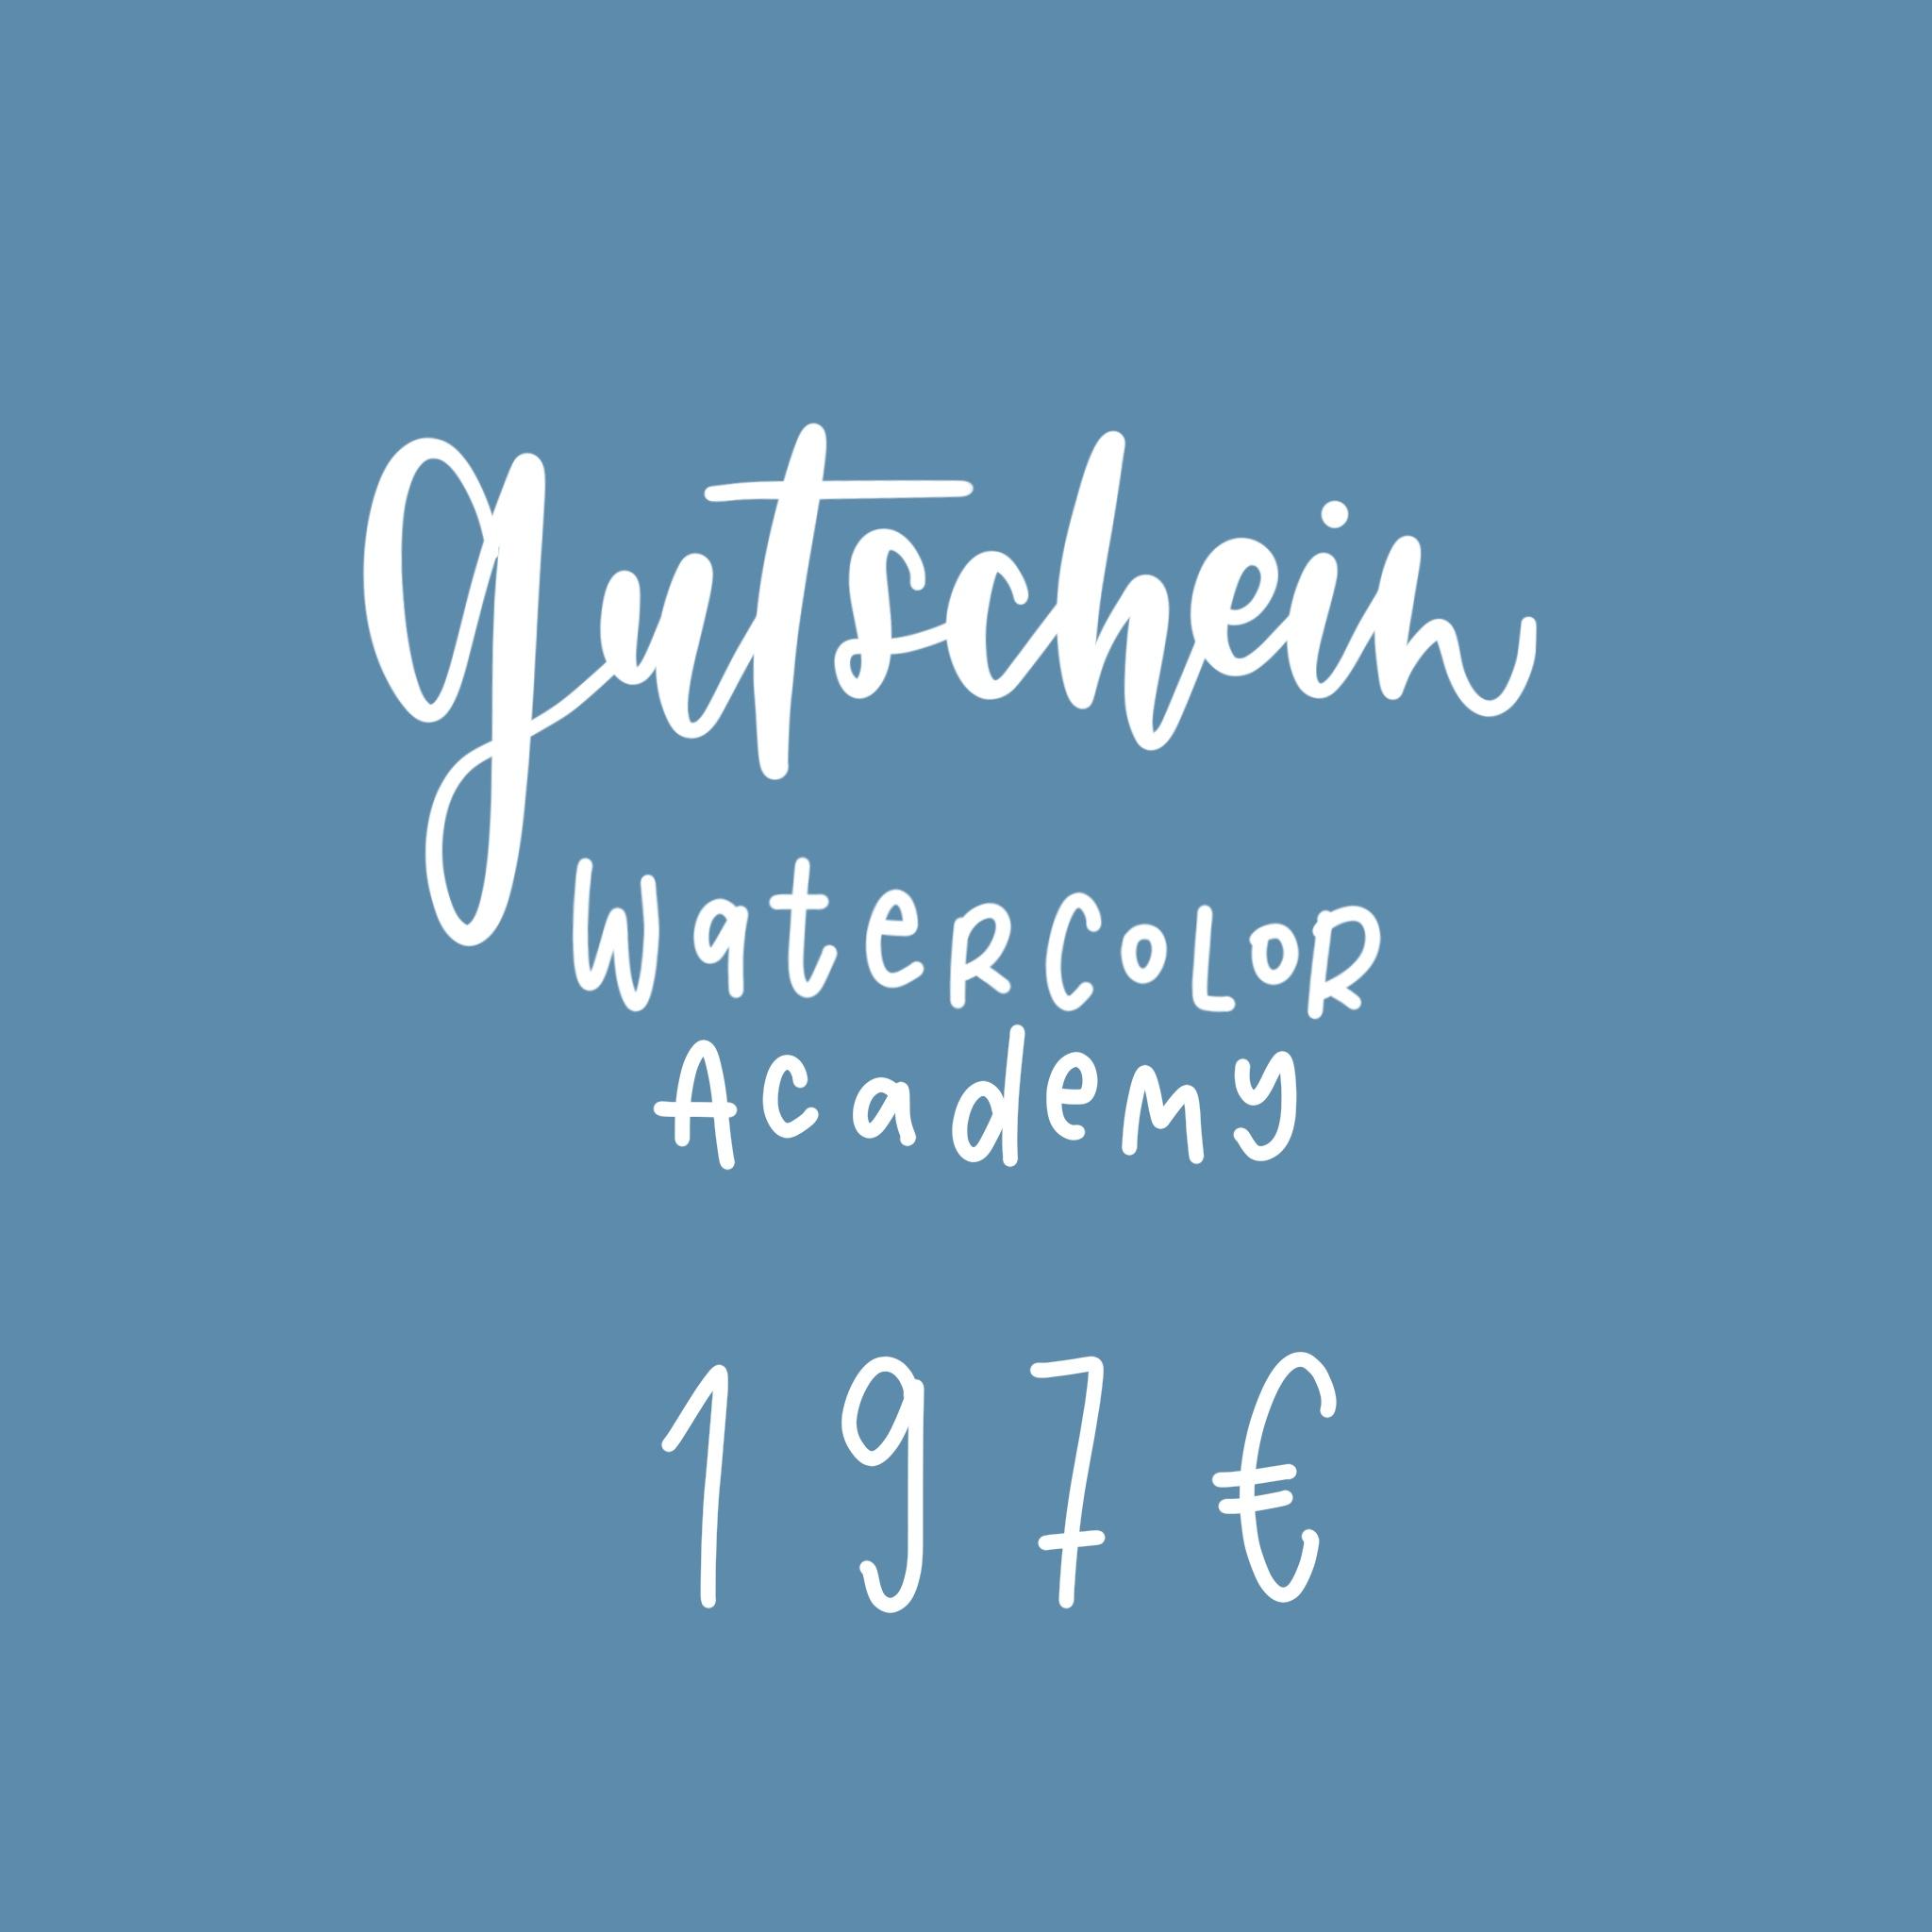 Gutschein Watercolor Academy Rosy & Grey